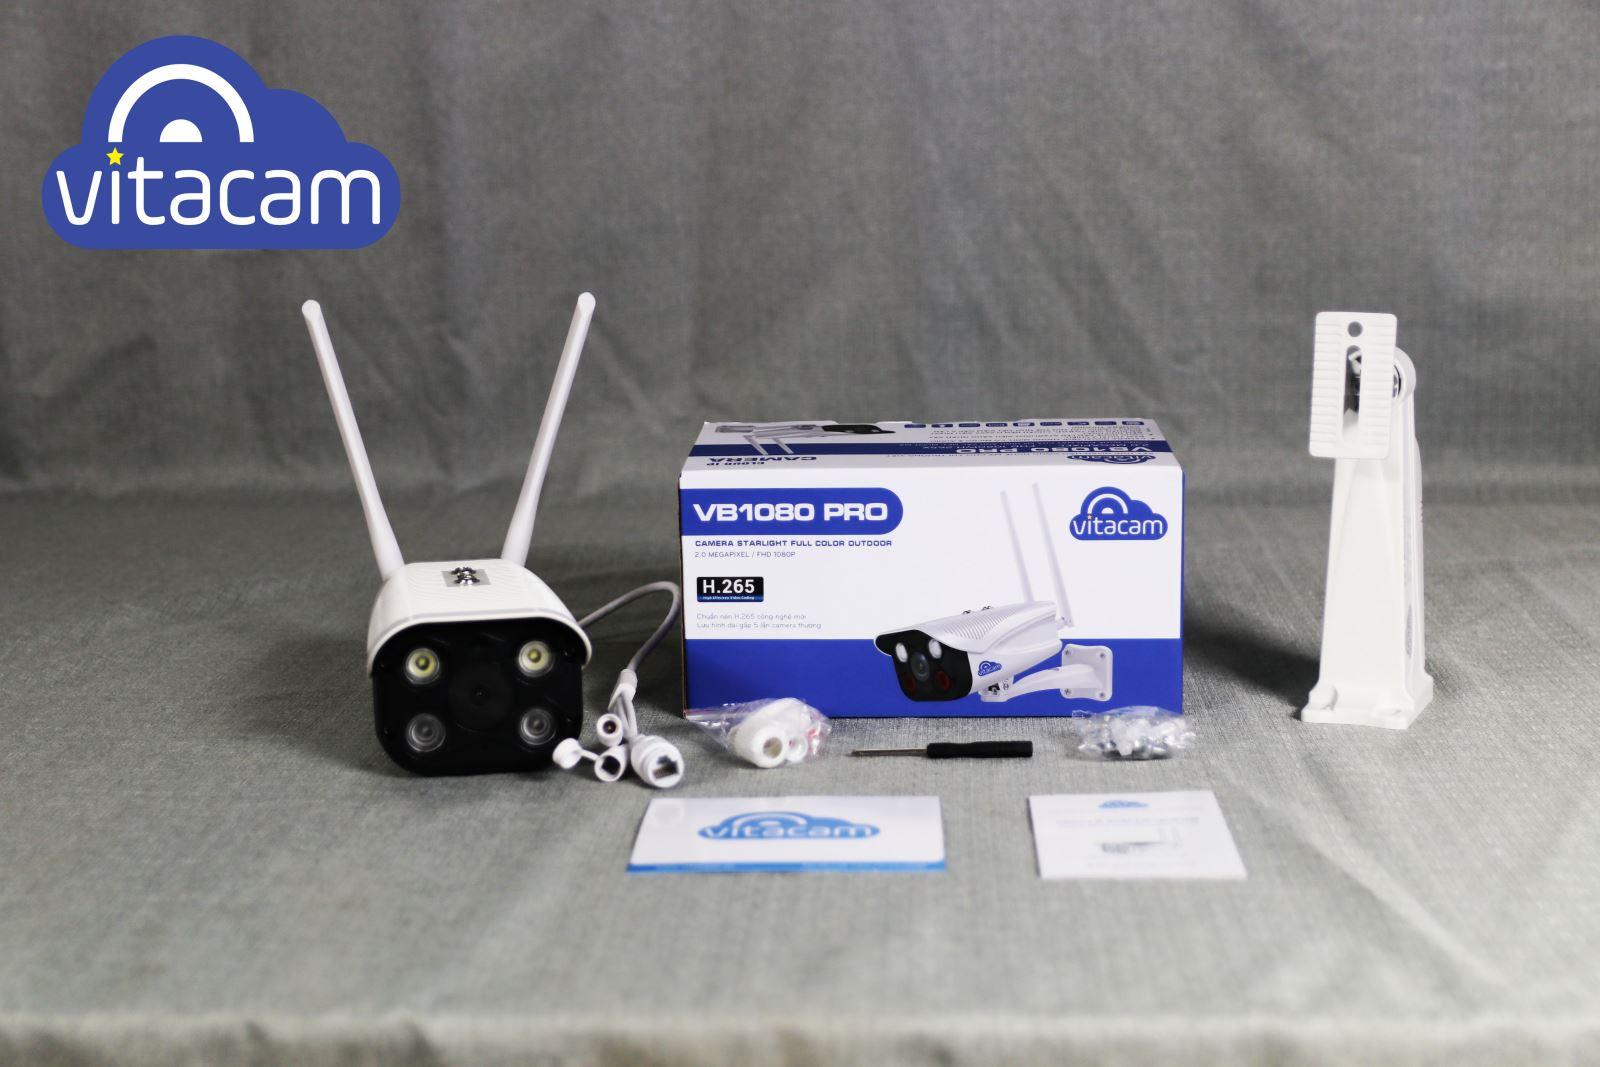 Vitacam VB1080 Pro